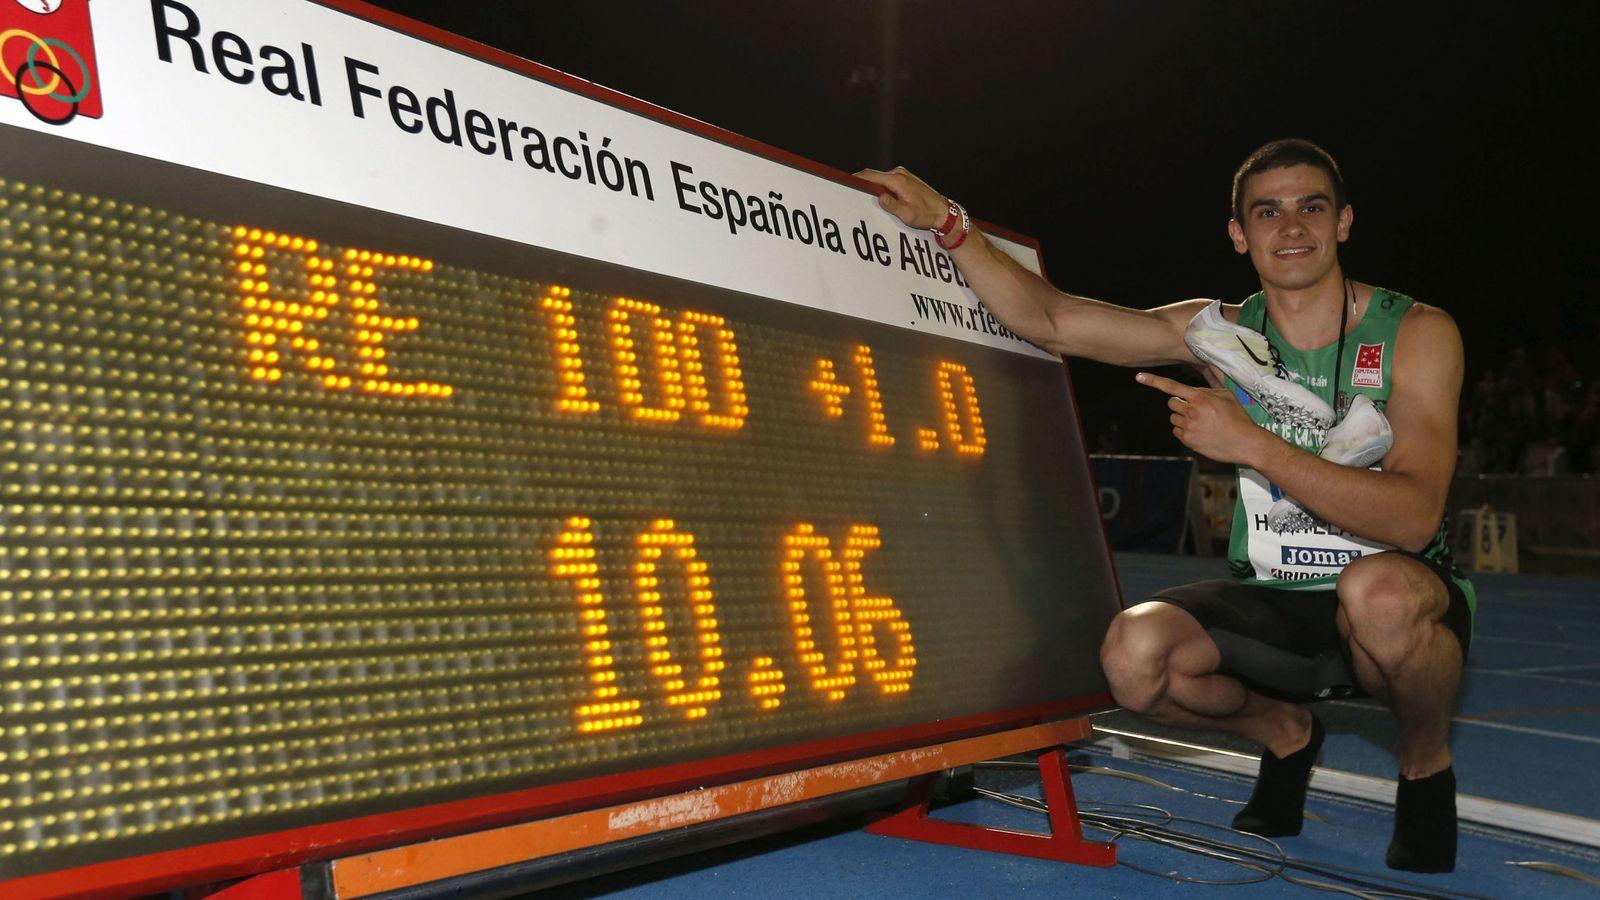 Foto: Bruno Hortelano celebra su victoria en los 100 metros, batiendo el récord de España, en el Centro Deportivo Municipal de Moratalaz. EFE